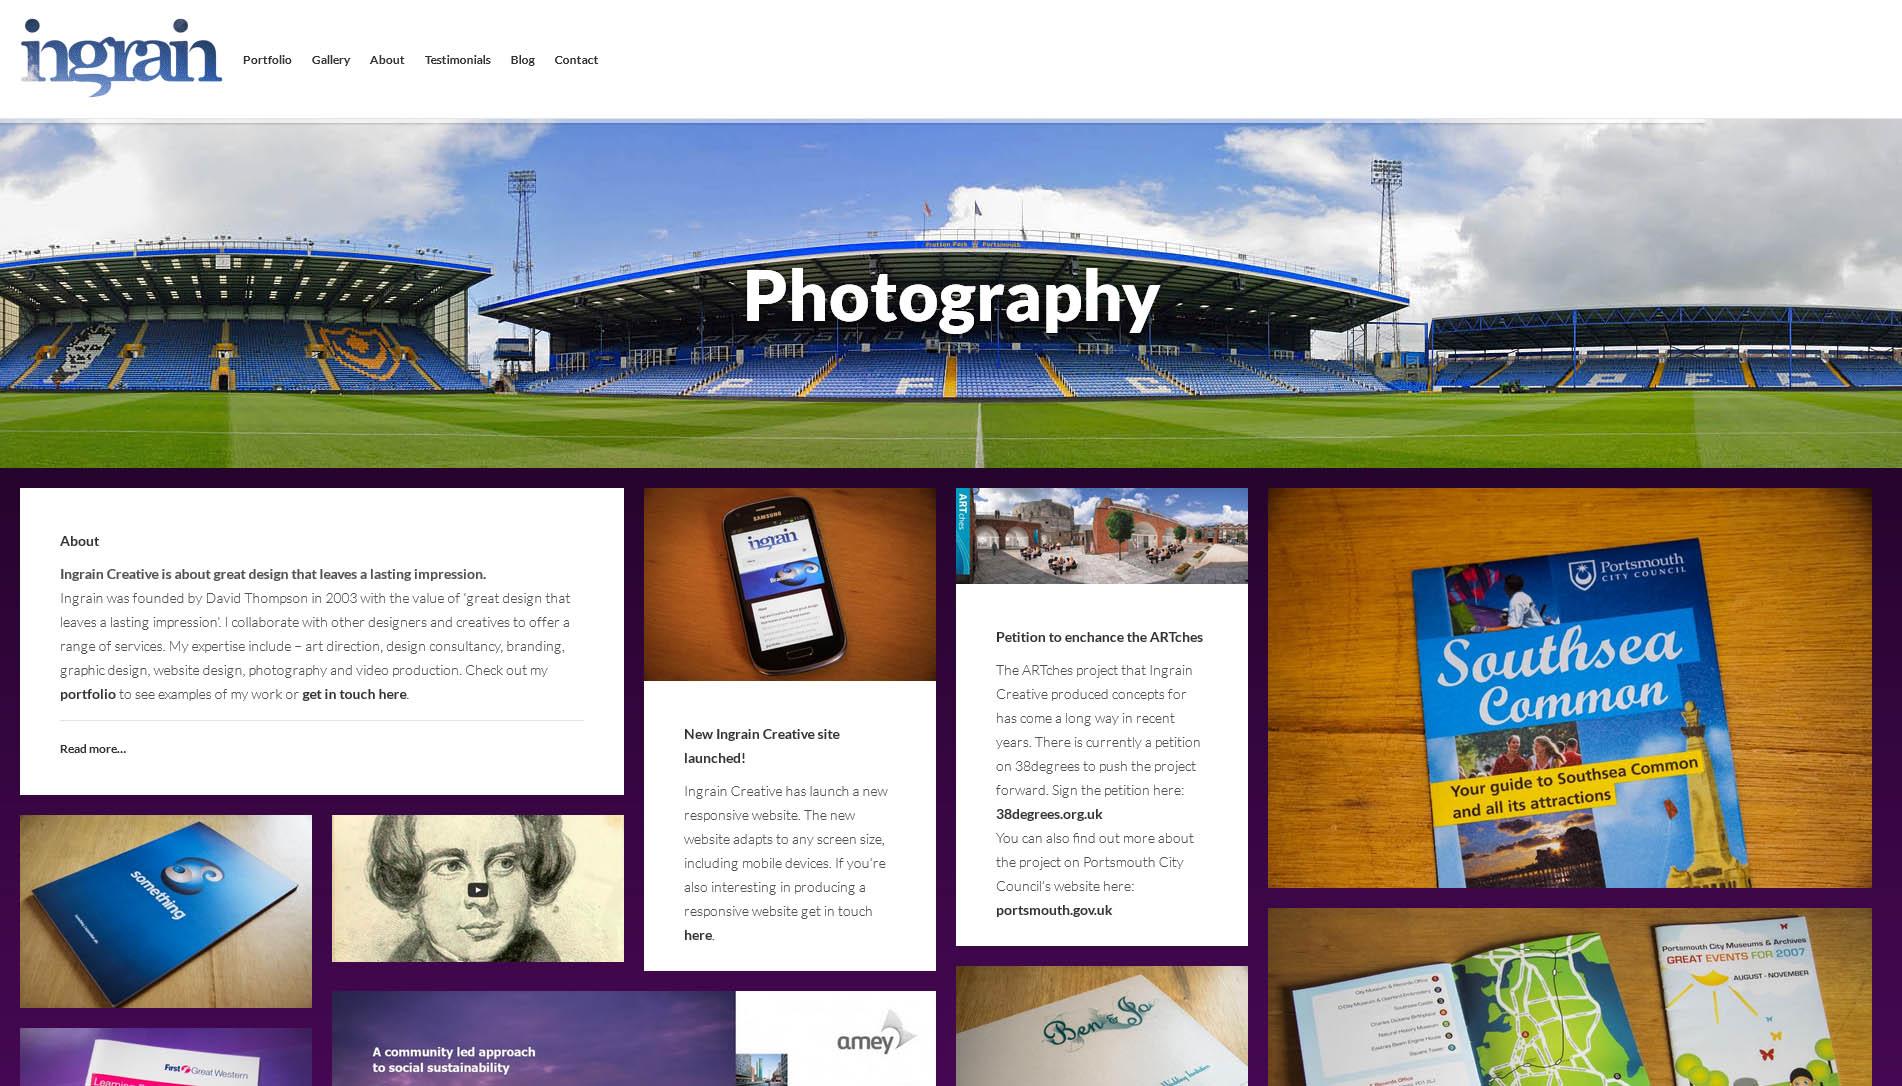 newingraindesk.jpg